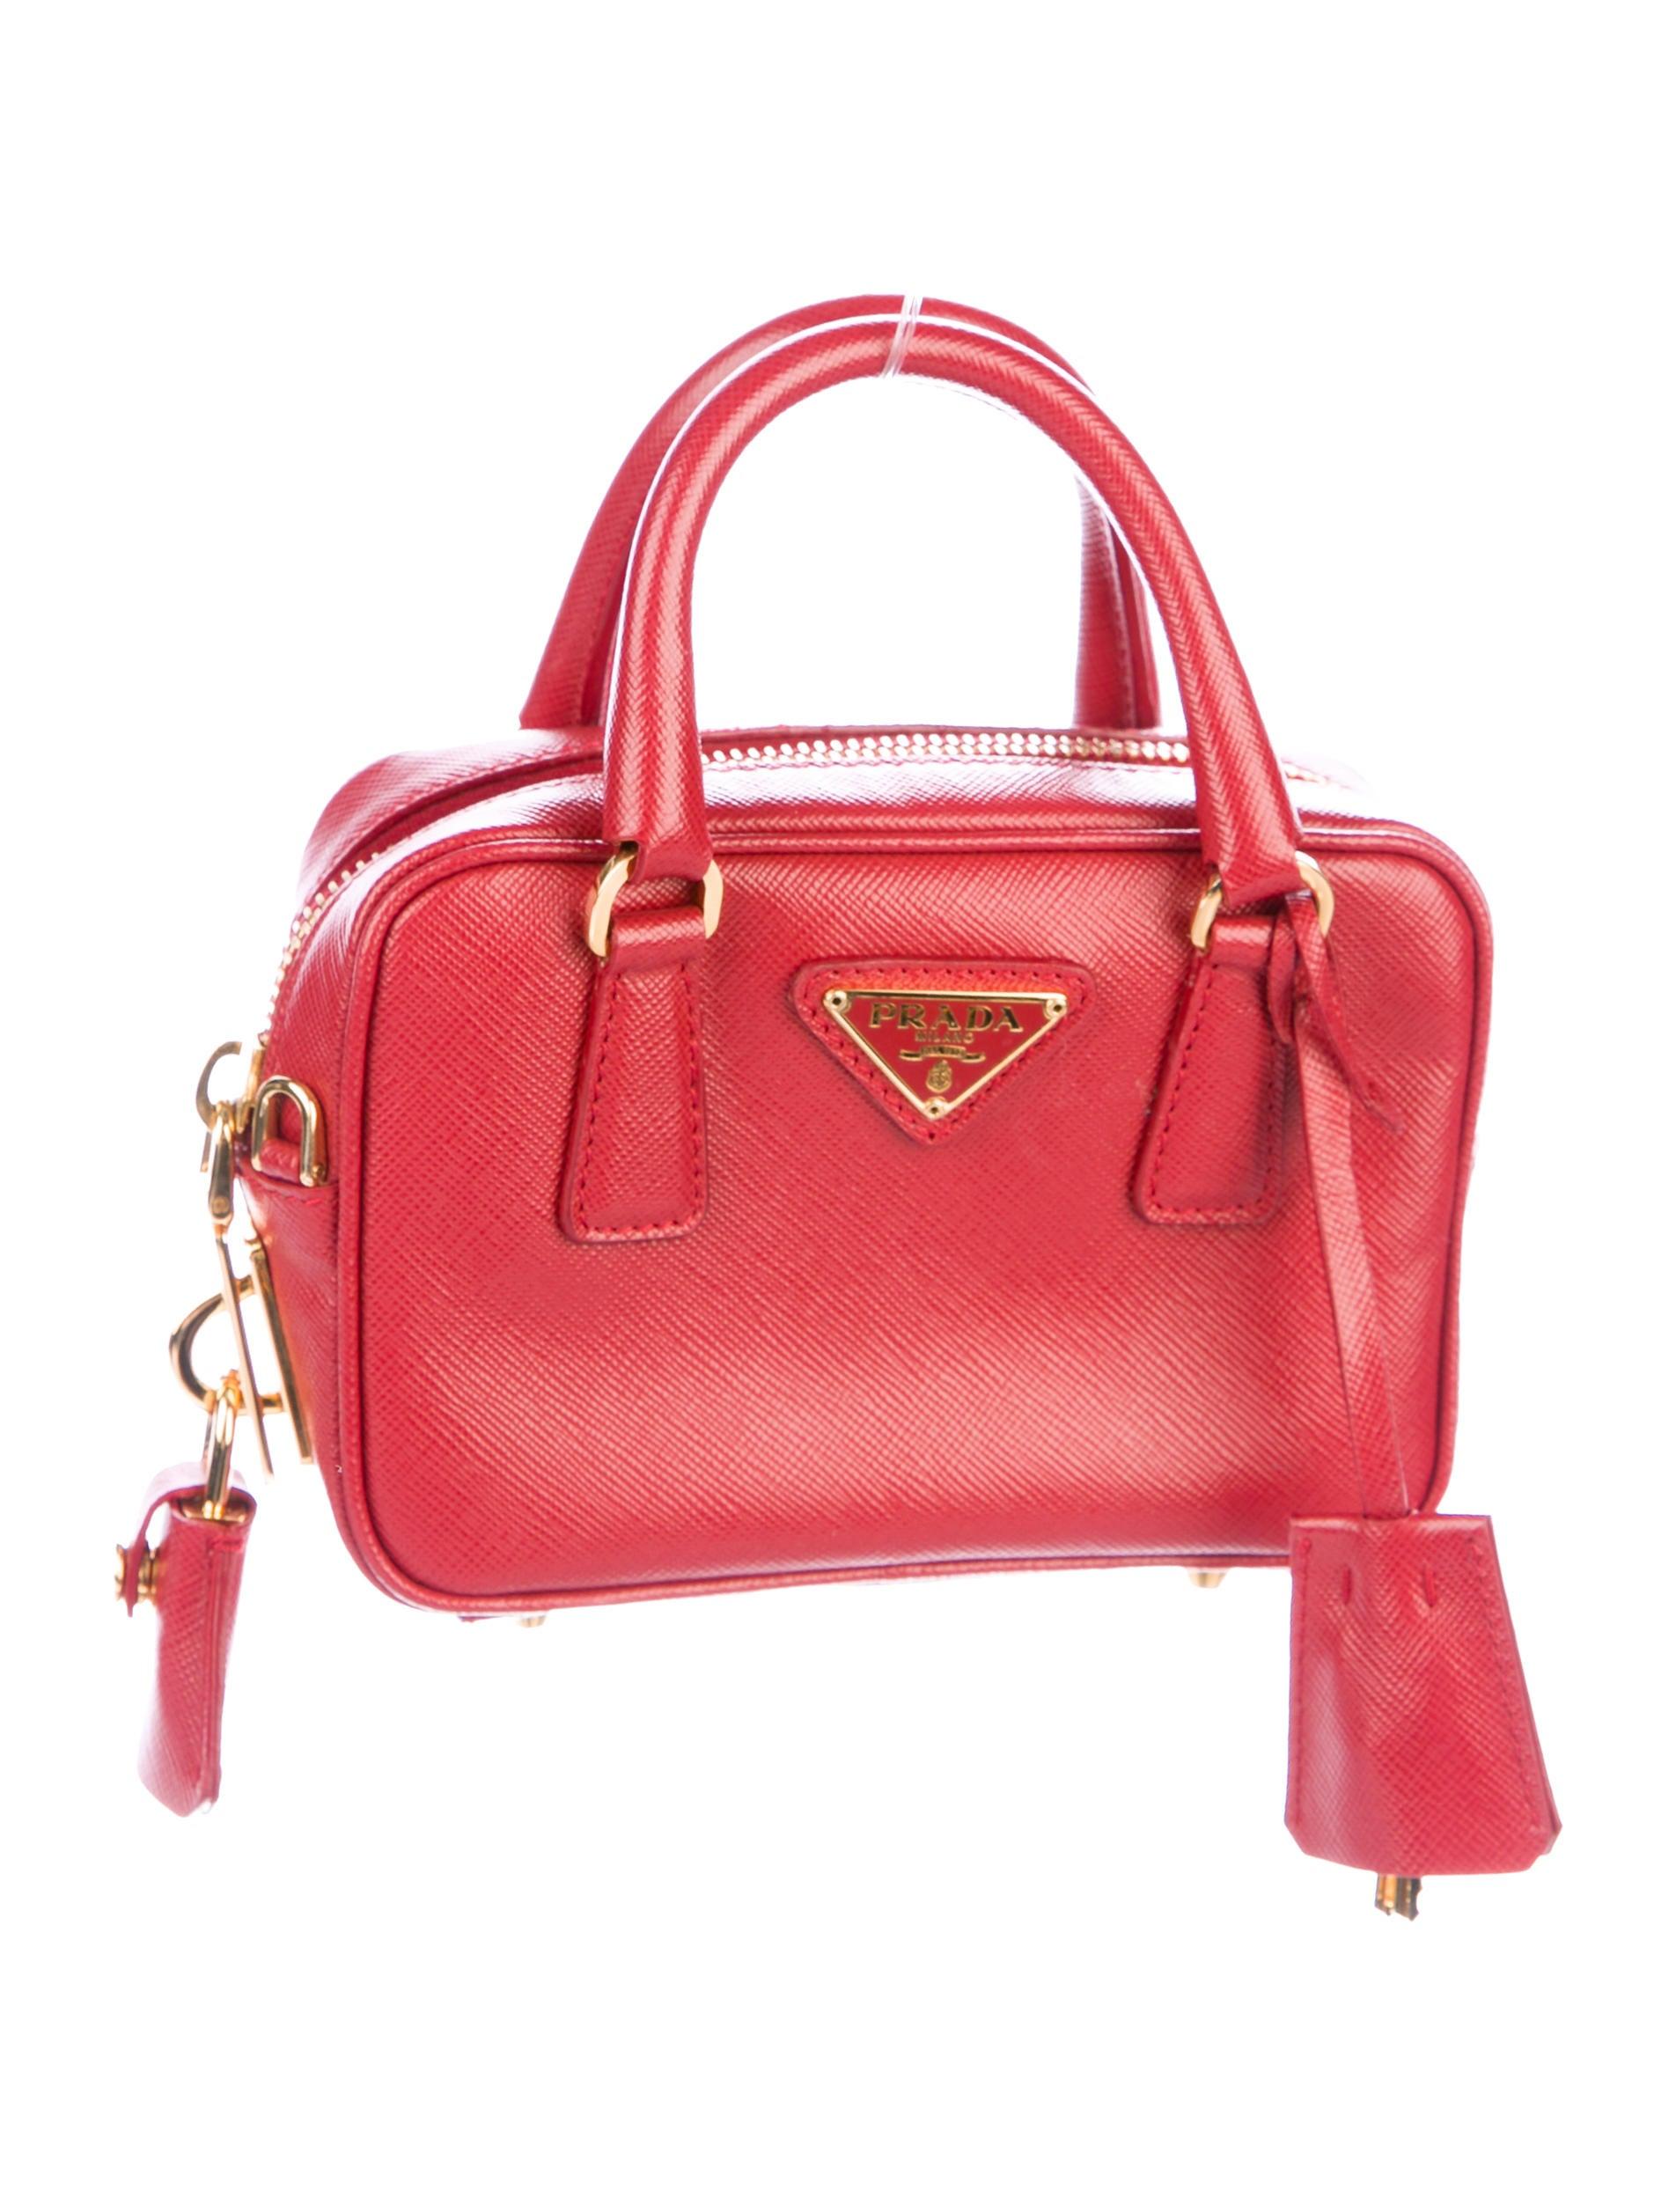 90ba474b48652a Prada Saffiano Lux Mini Bauletto Bag - Handbags - PRA214058 | The ...